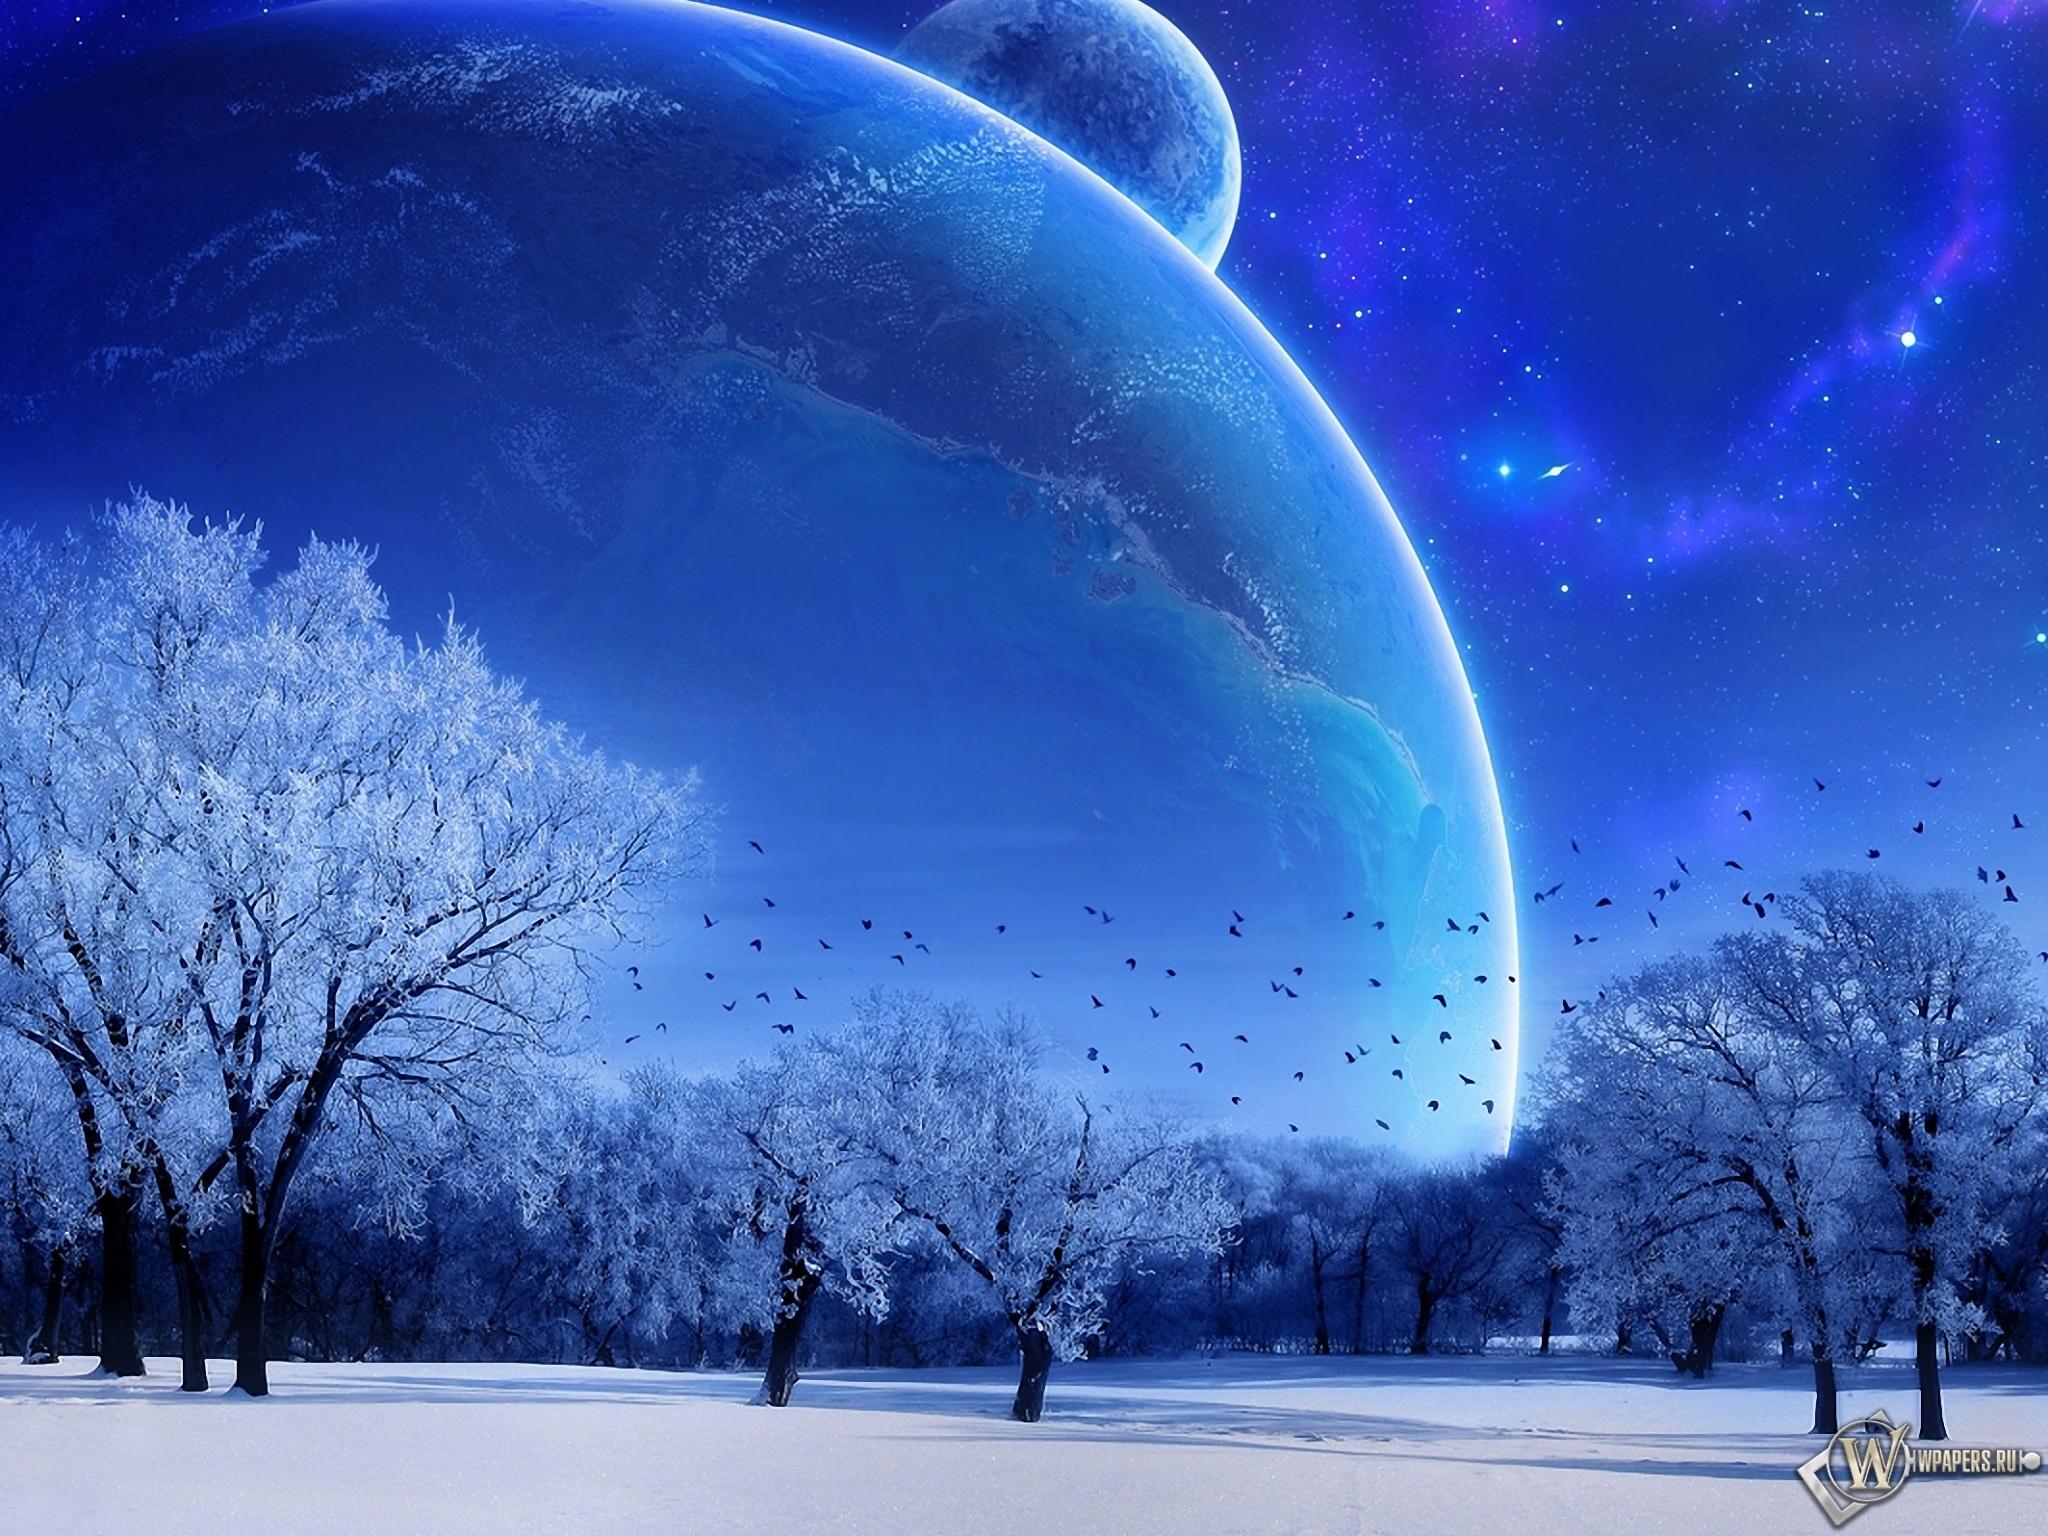 Зимняя фантазия 2048x1536